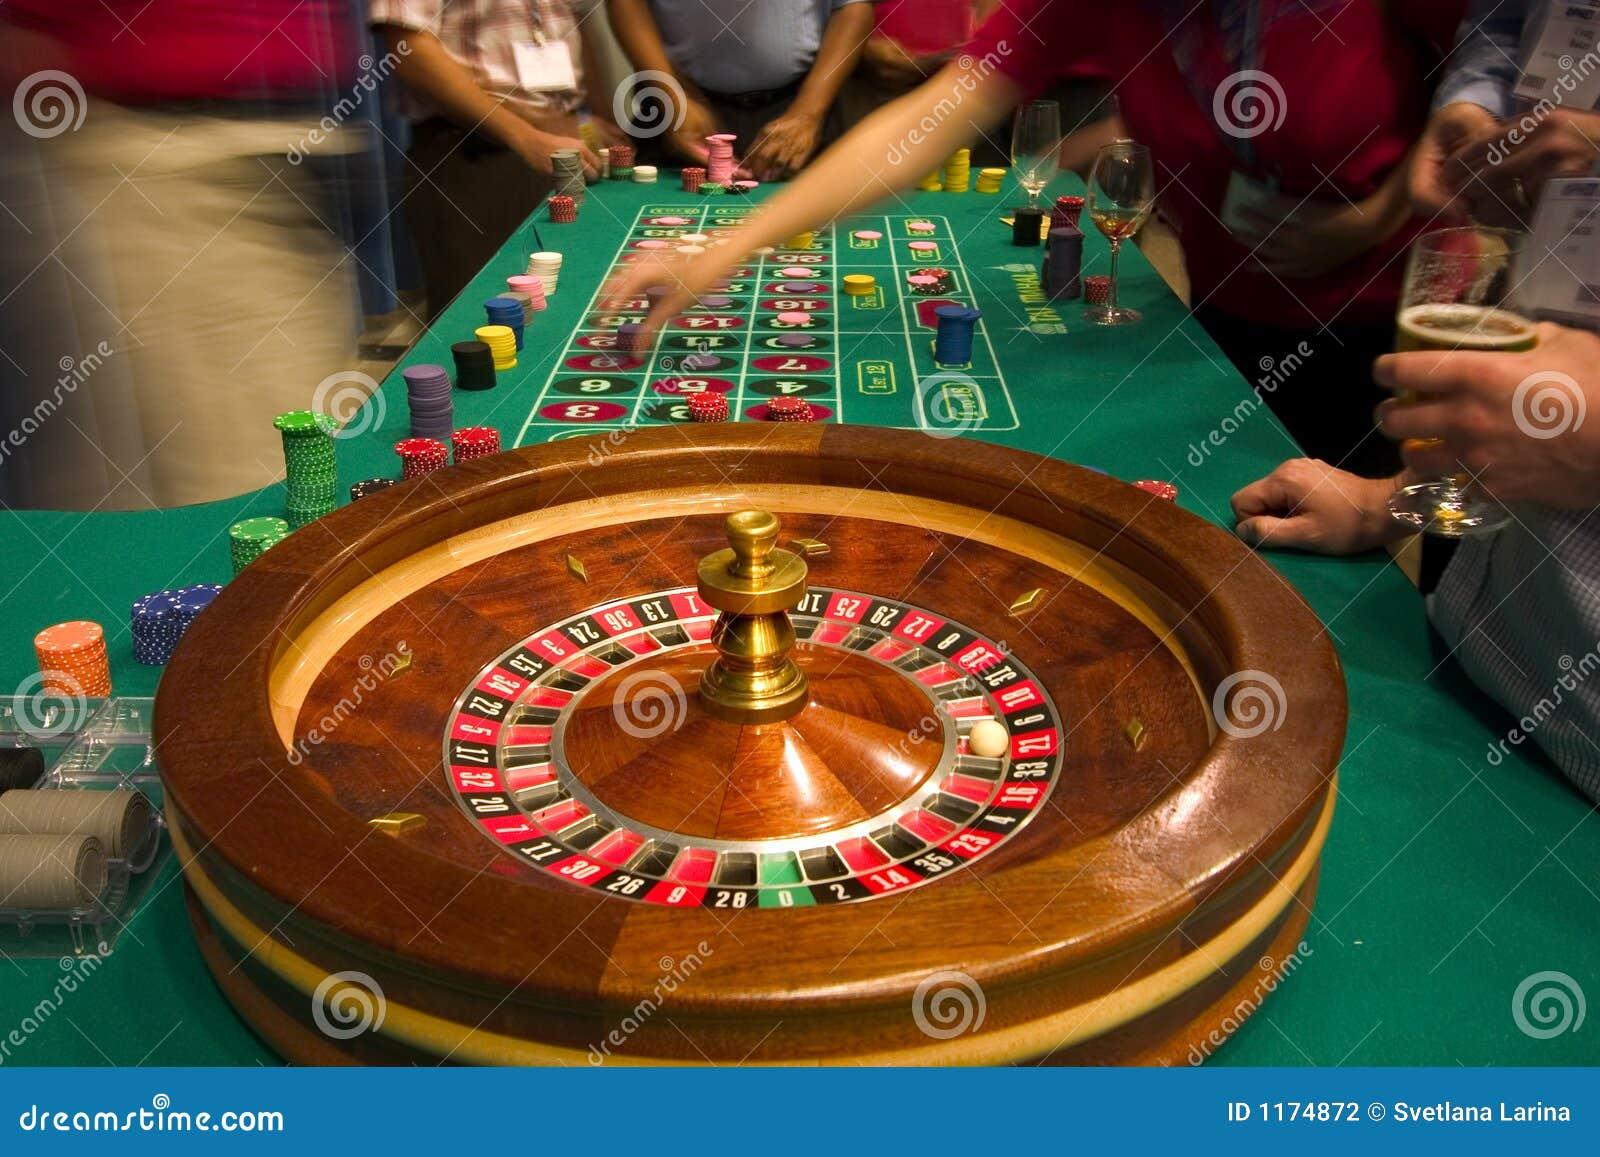 Table de roulette photographie stock image 1174872 - Table a roulette ...